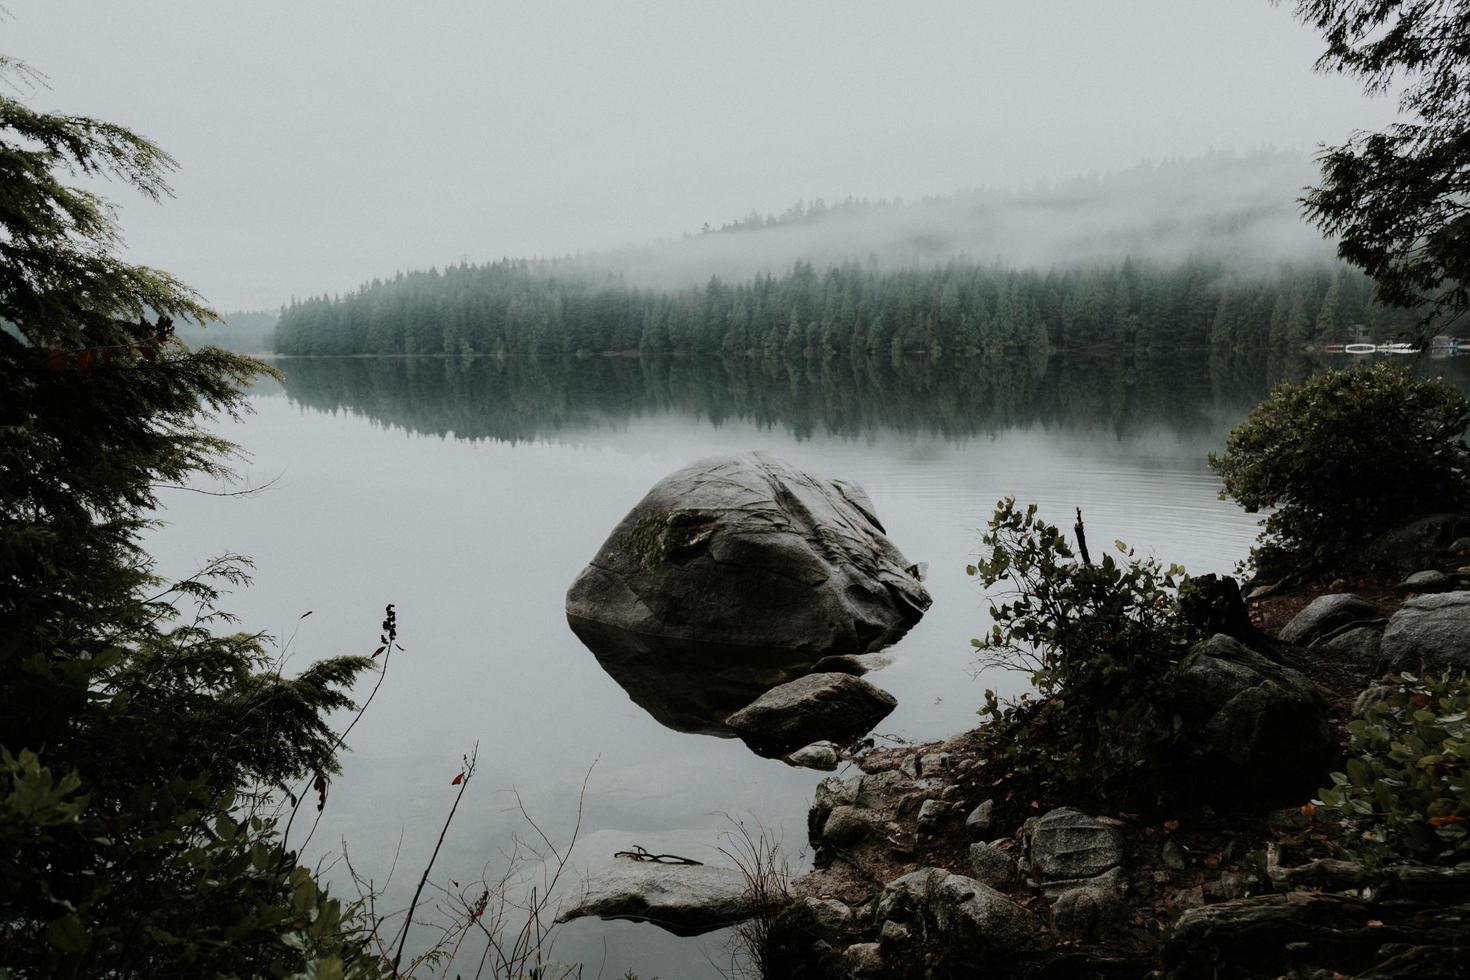 paysage marin rocheux entouré d'arbres photo